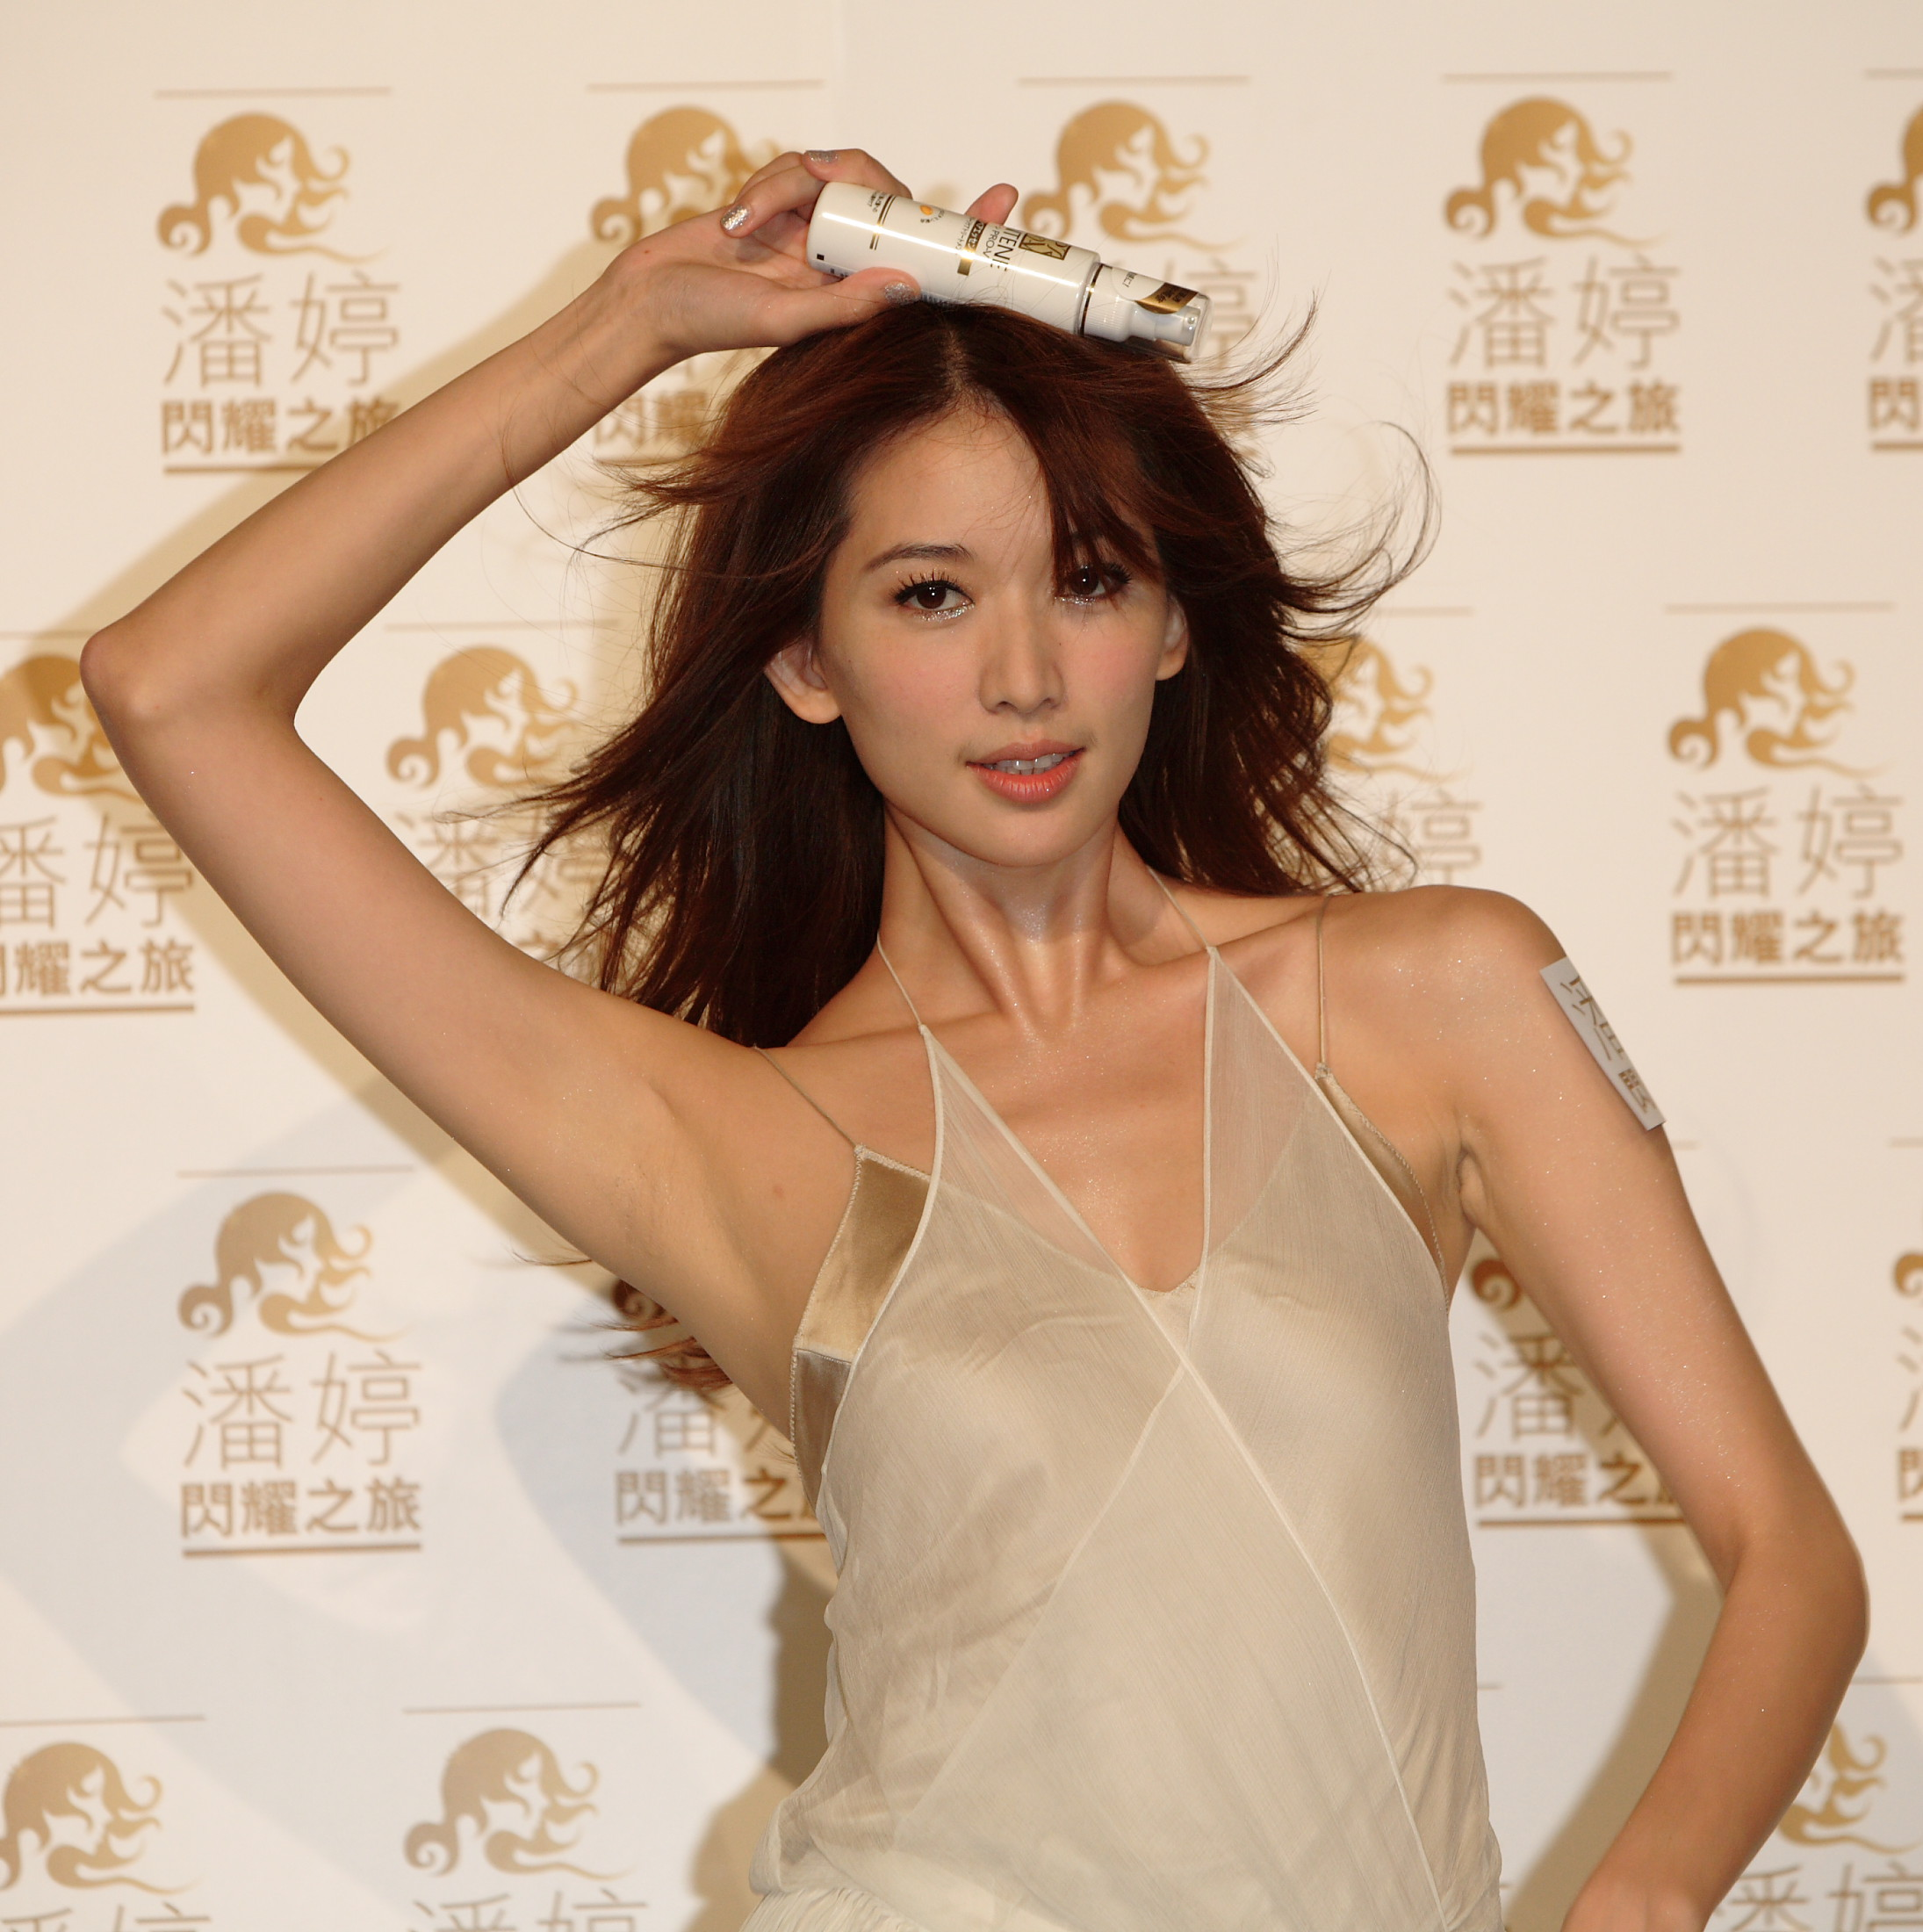 最近の台湾人女性。。。ぐうかわすぎて嫁にしたいンゴwwwwwwww(画像あり)・6枚目の画像